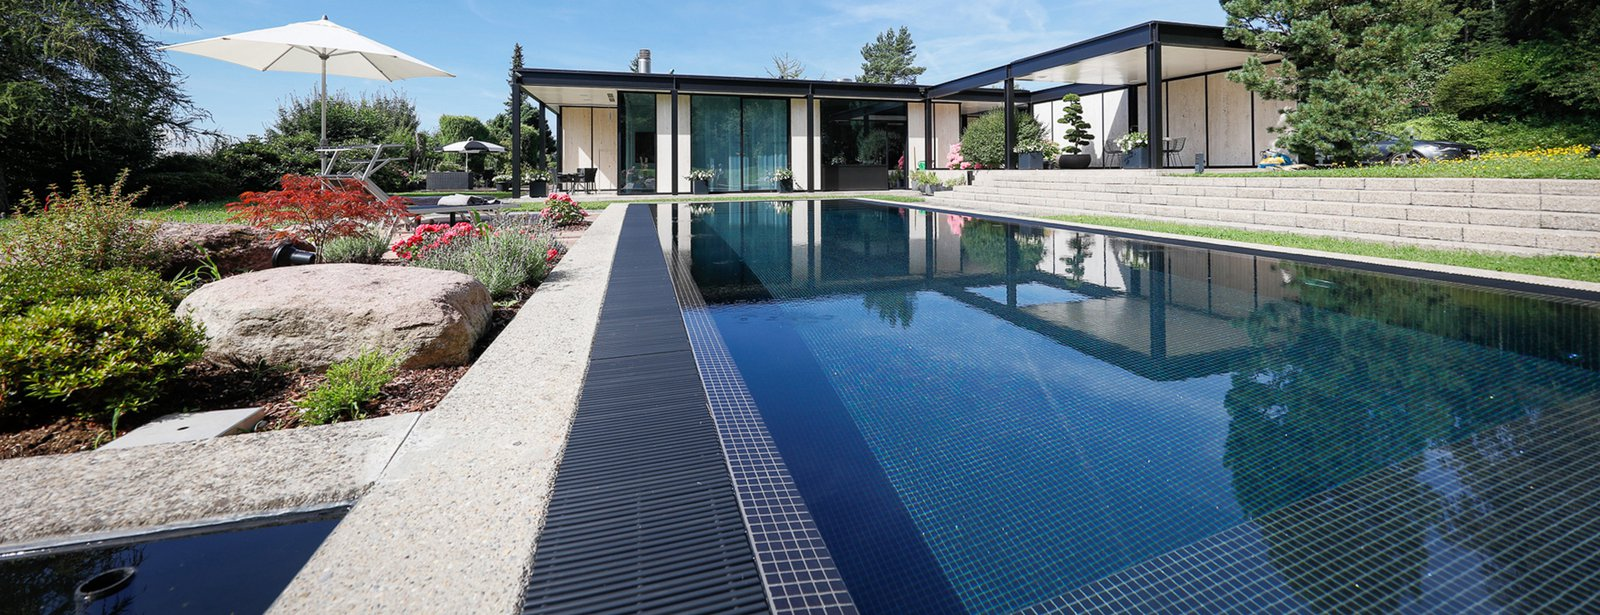 Traumhafte Schwimmbäder für außen im Garten und innen im Haus